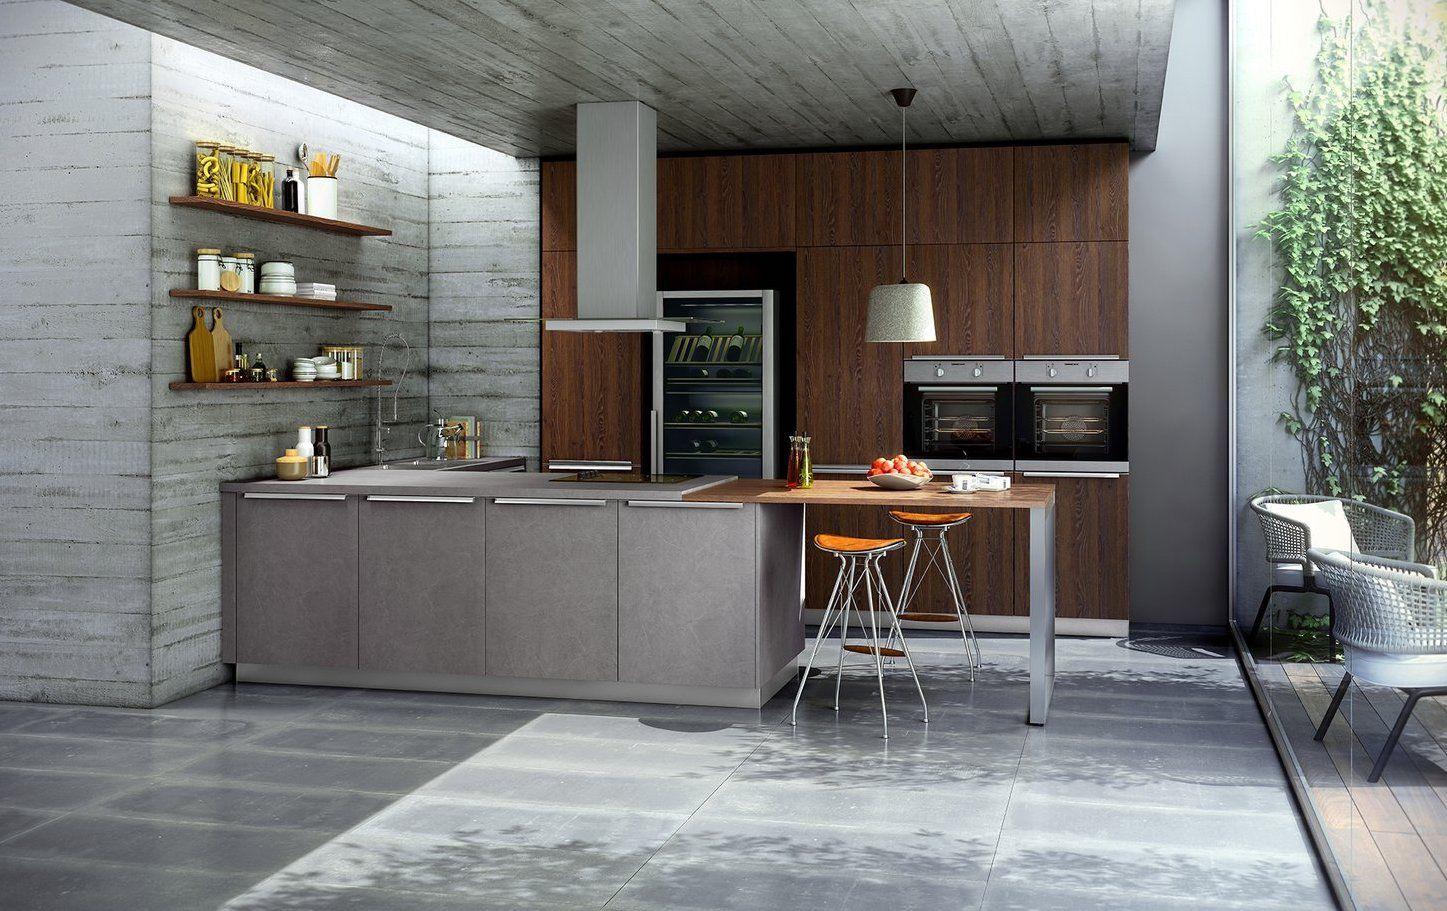 Contur® 51.180 / 52.170 Concrete Imitation Kitchen